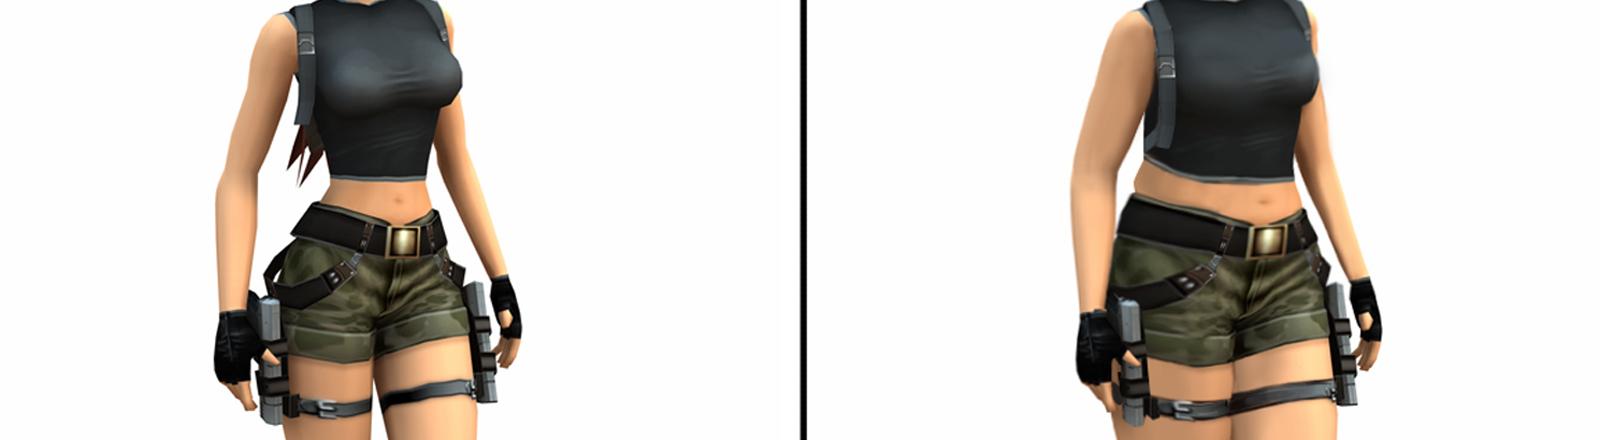 Lara Croft im Original (links) und mit den Maßen einer Durchschnitts-Amerikanerin (rechts) - Graphik von Bulimia.com.